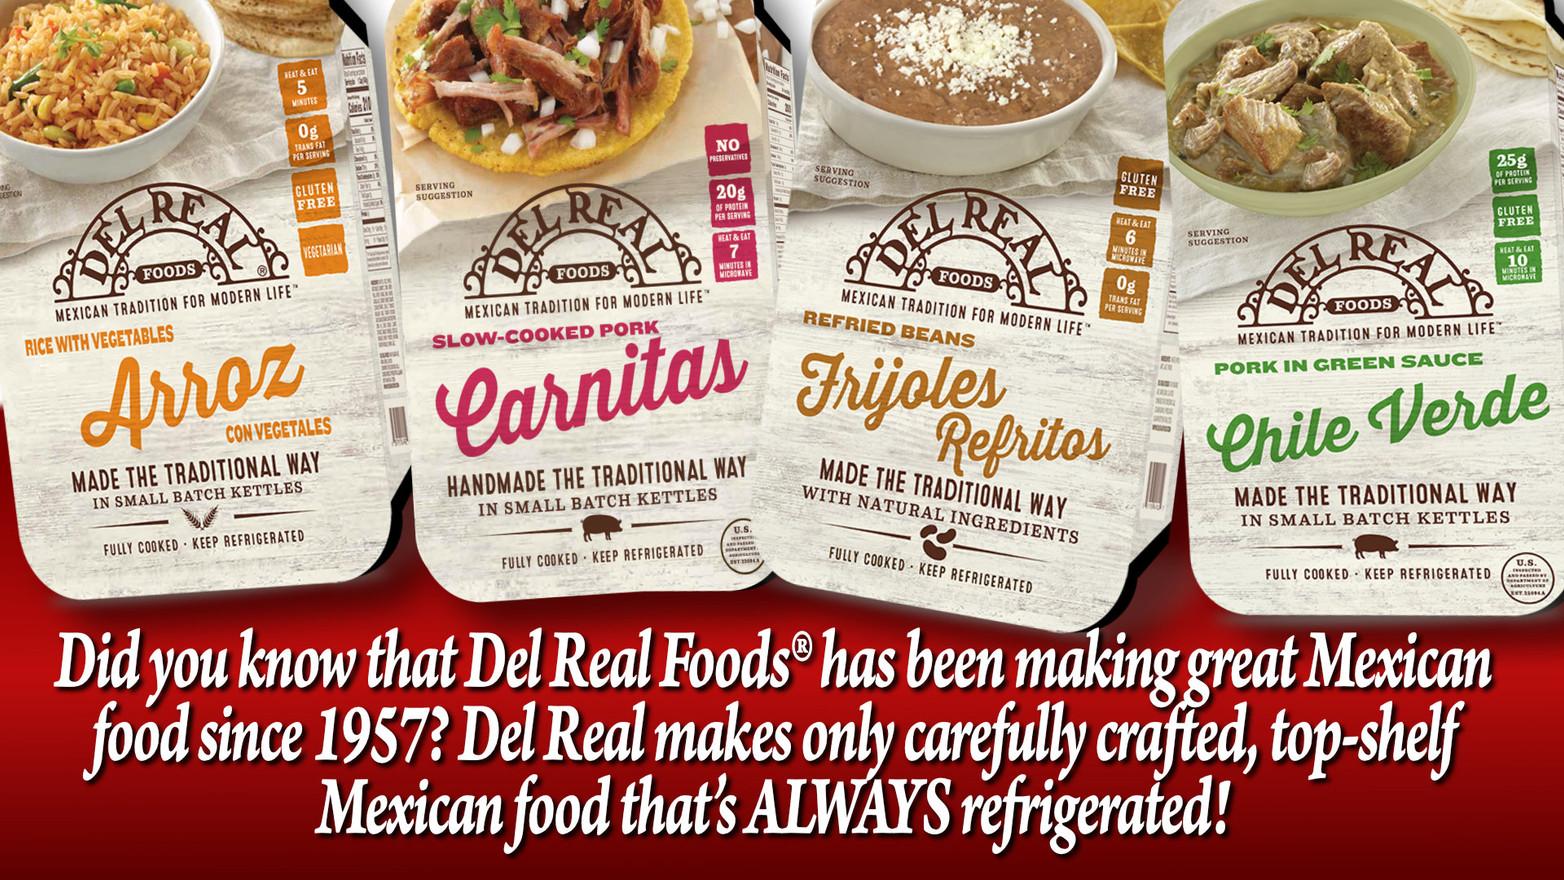 del real foods.jpg